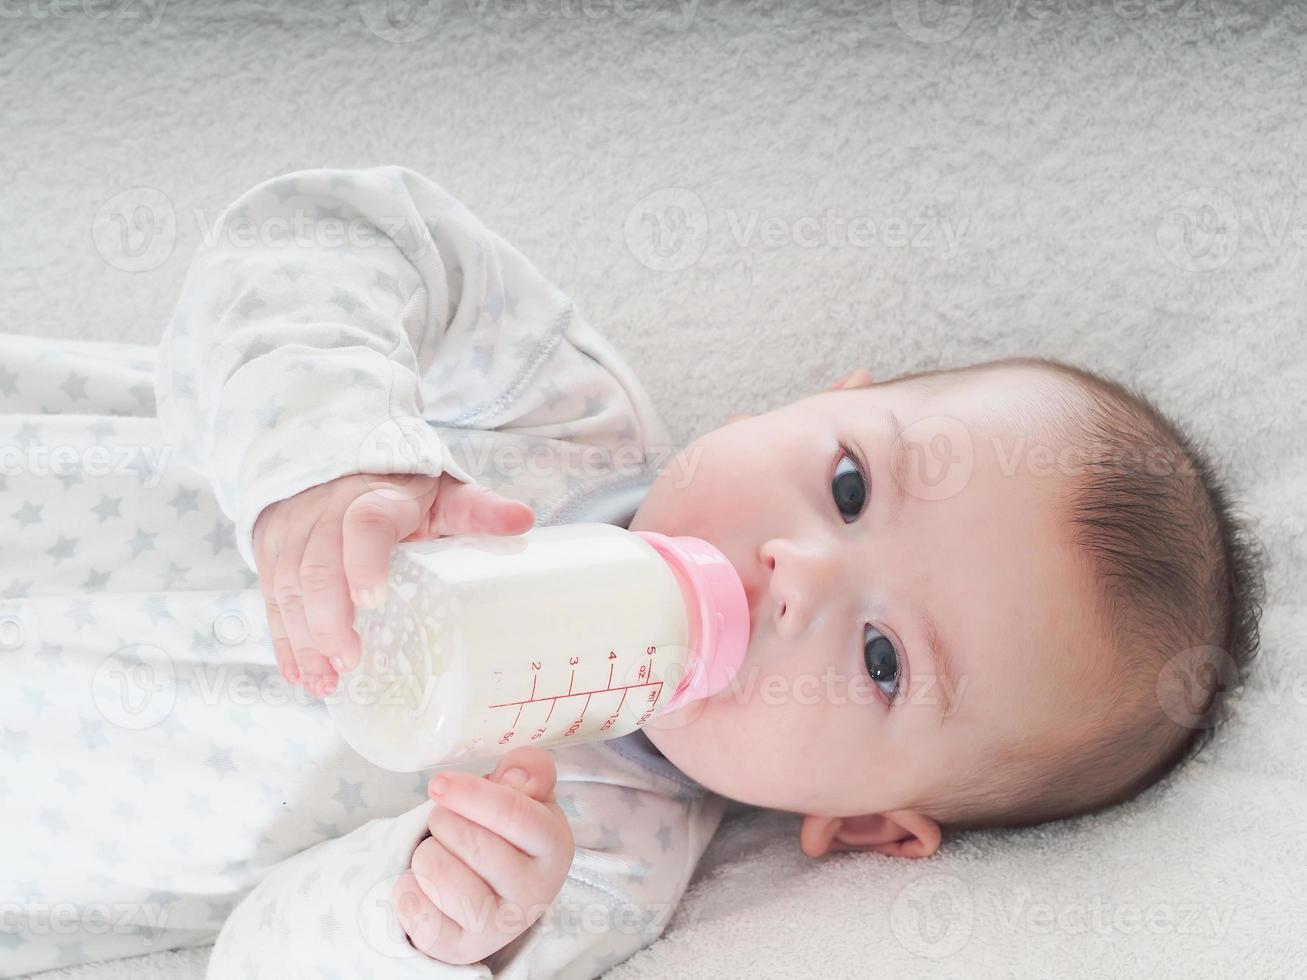 babyjongen consumptiemelk uit de fles thuis foto